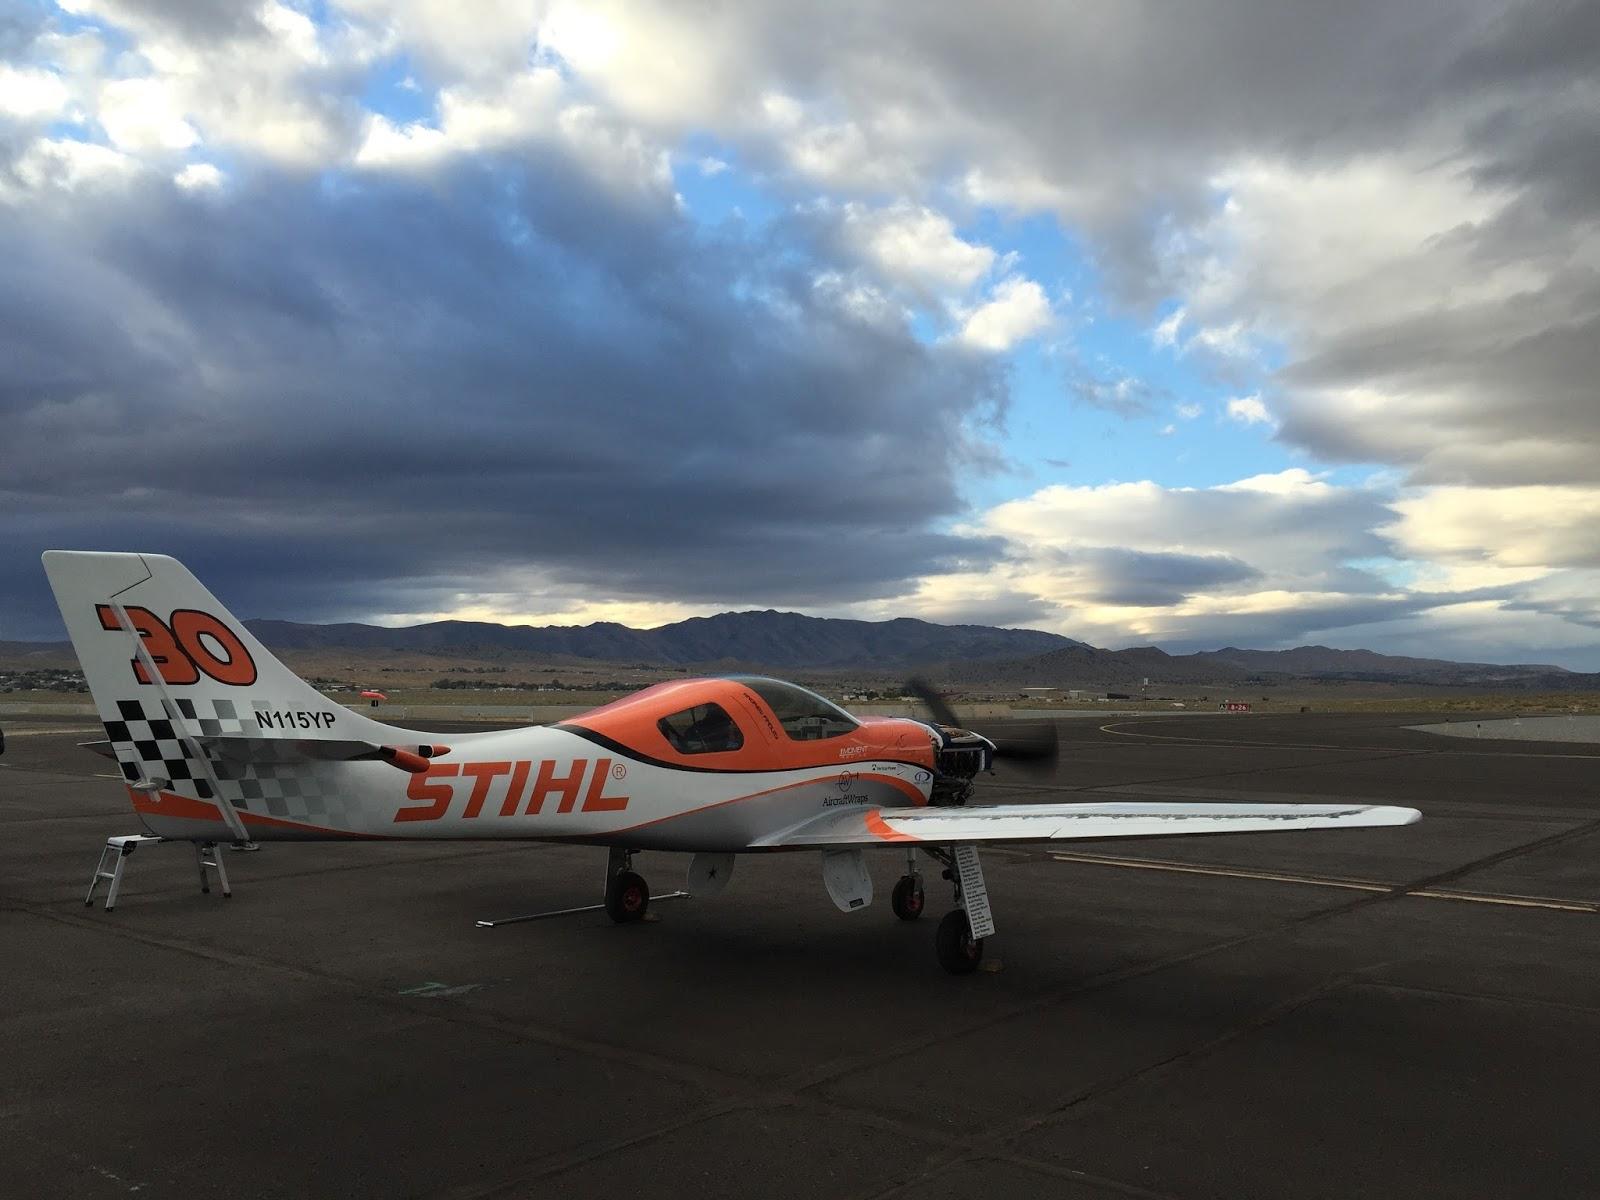 STIHL USA News: Team STIHL Air Racing: Purpose and Passion